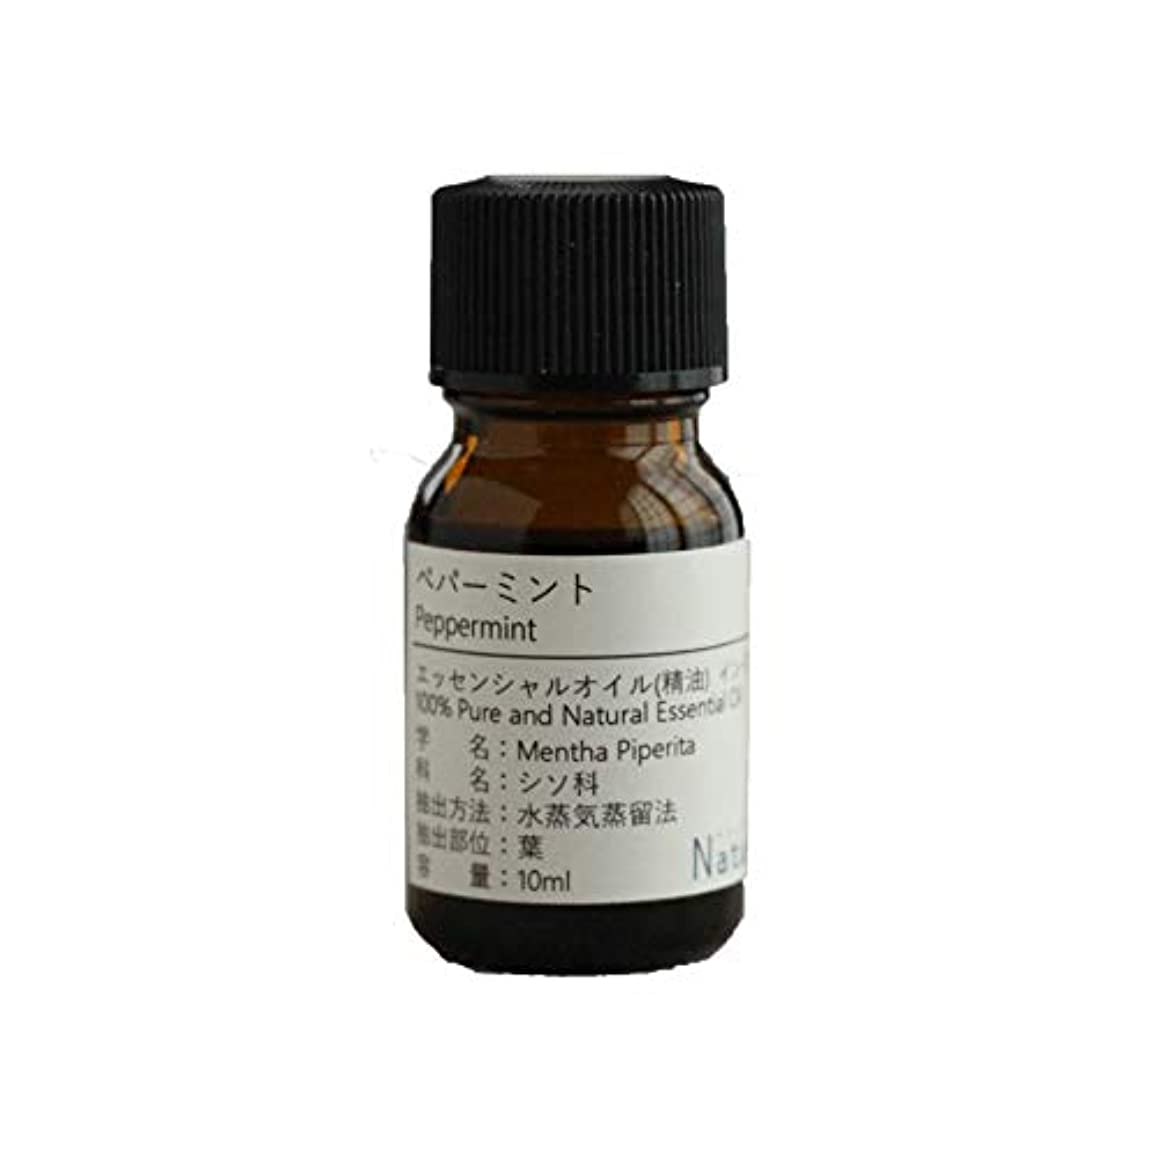 届けるマット腹痛Natural蒼 ペパーミント/エッセンシャルオイル 精油天然100% (30ml)